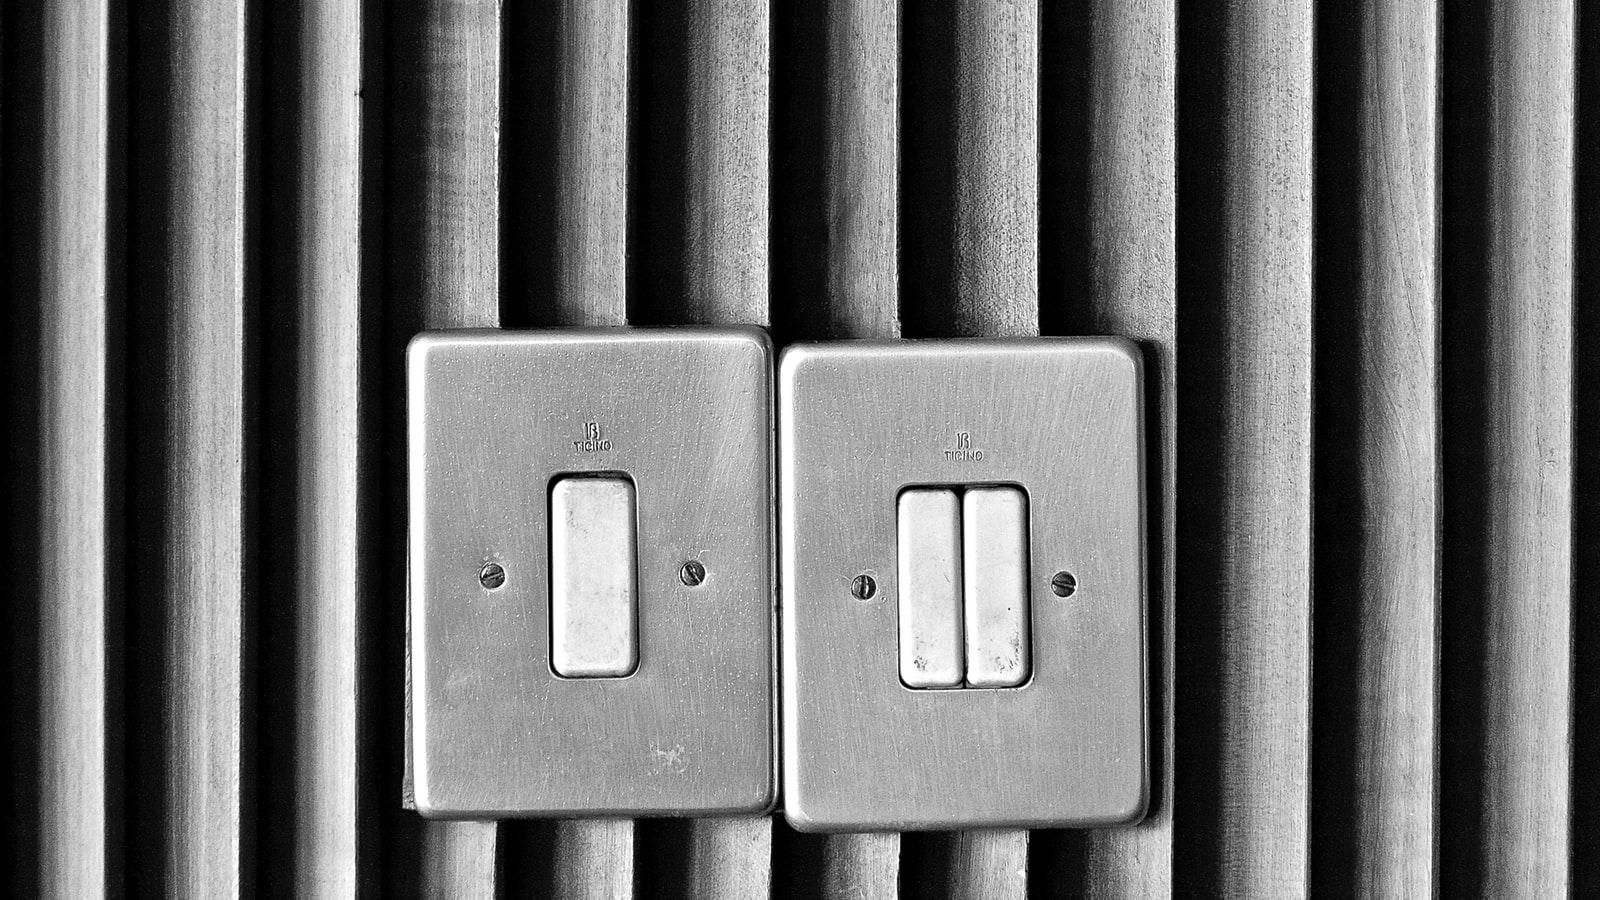 Interrupteurs classique sur un mur